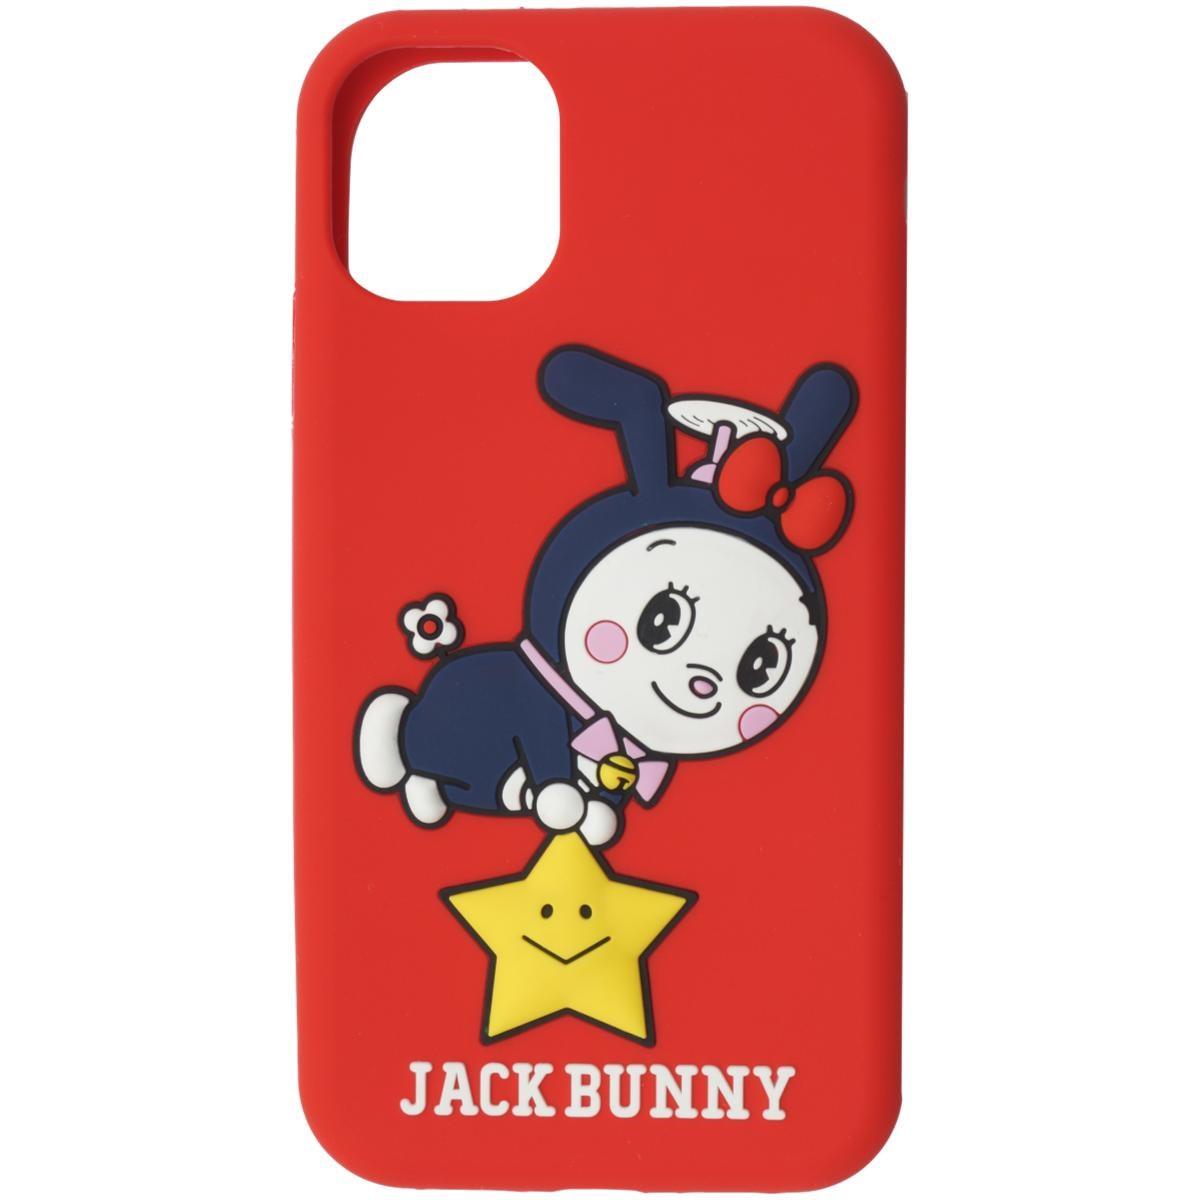 [2020年モデル] ジャックバニー ドラえもん 願い星iPhoneケース 11対応 レッド 100 メンズ ゴルフ